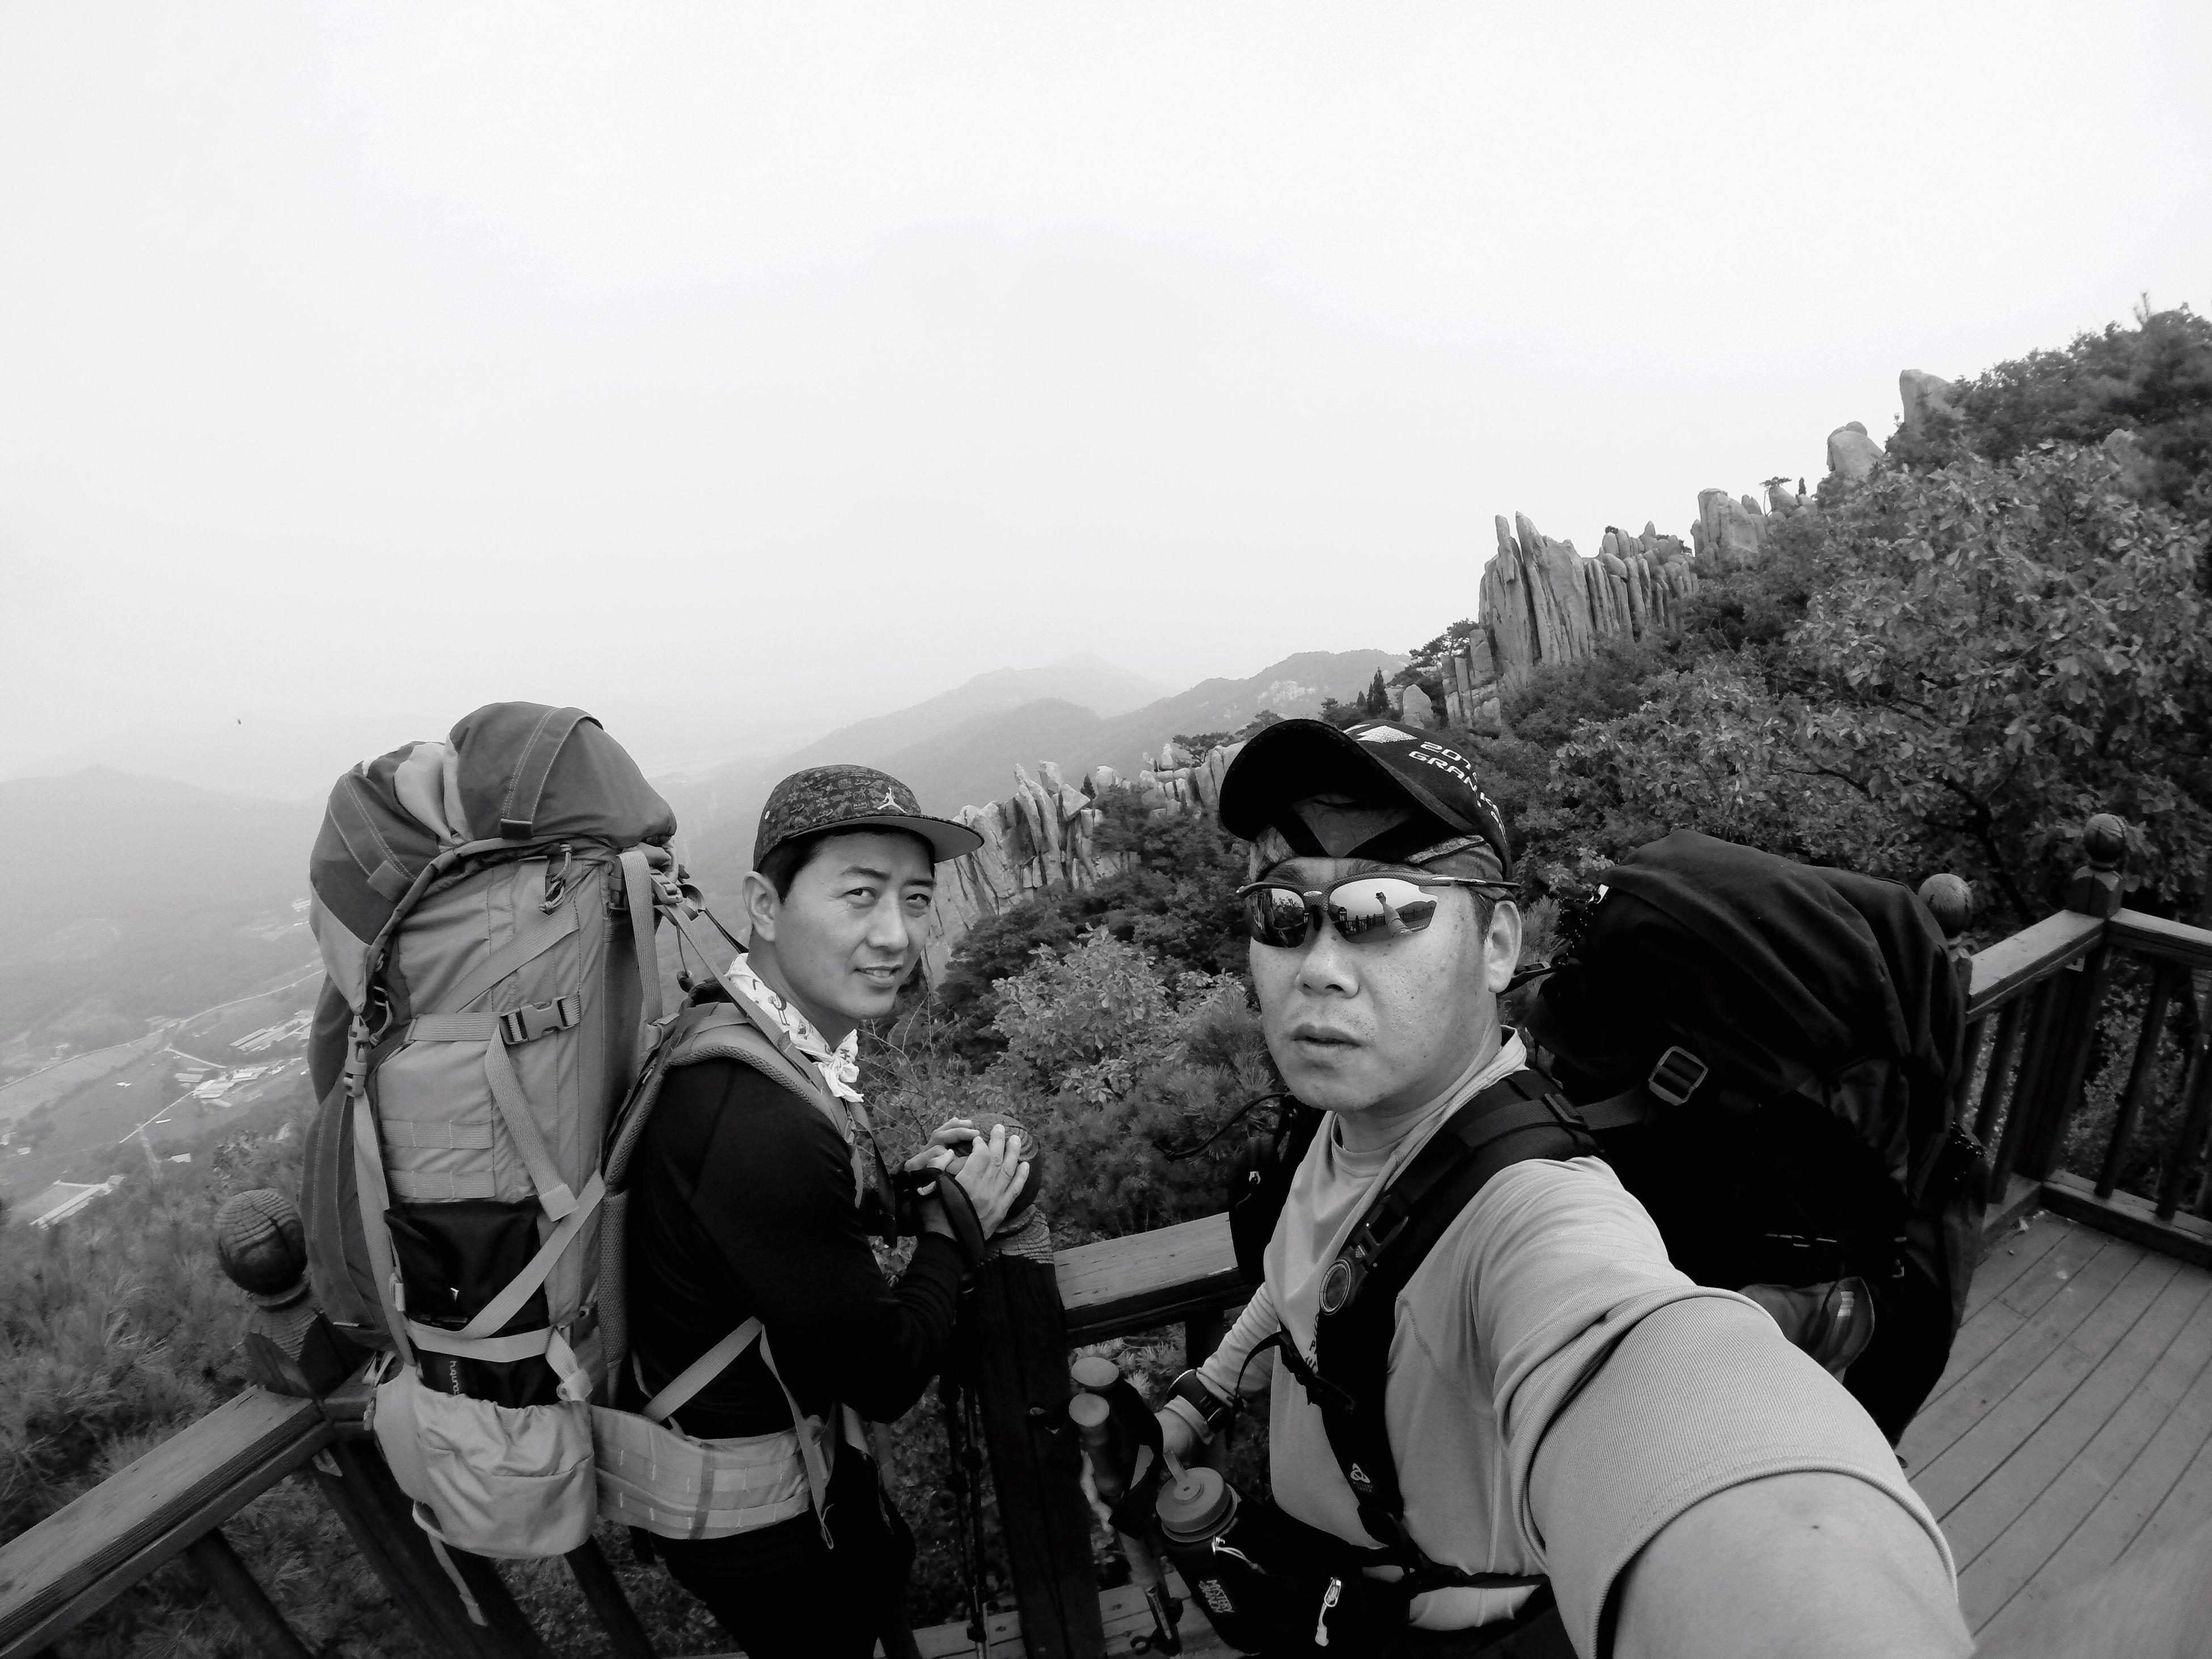 악귀봉 Mountain Bacpackers Partner GoPro Hero3+